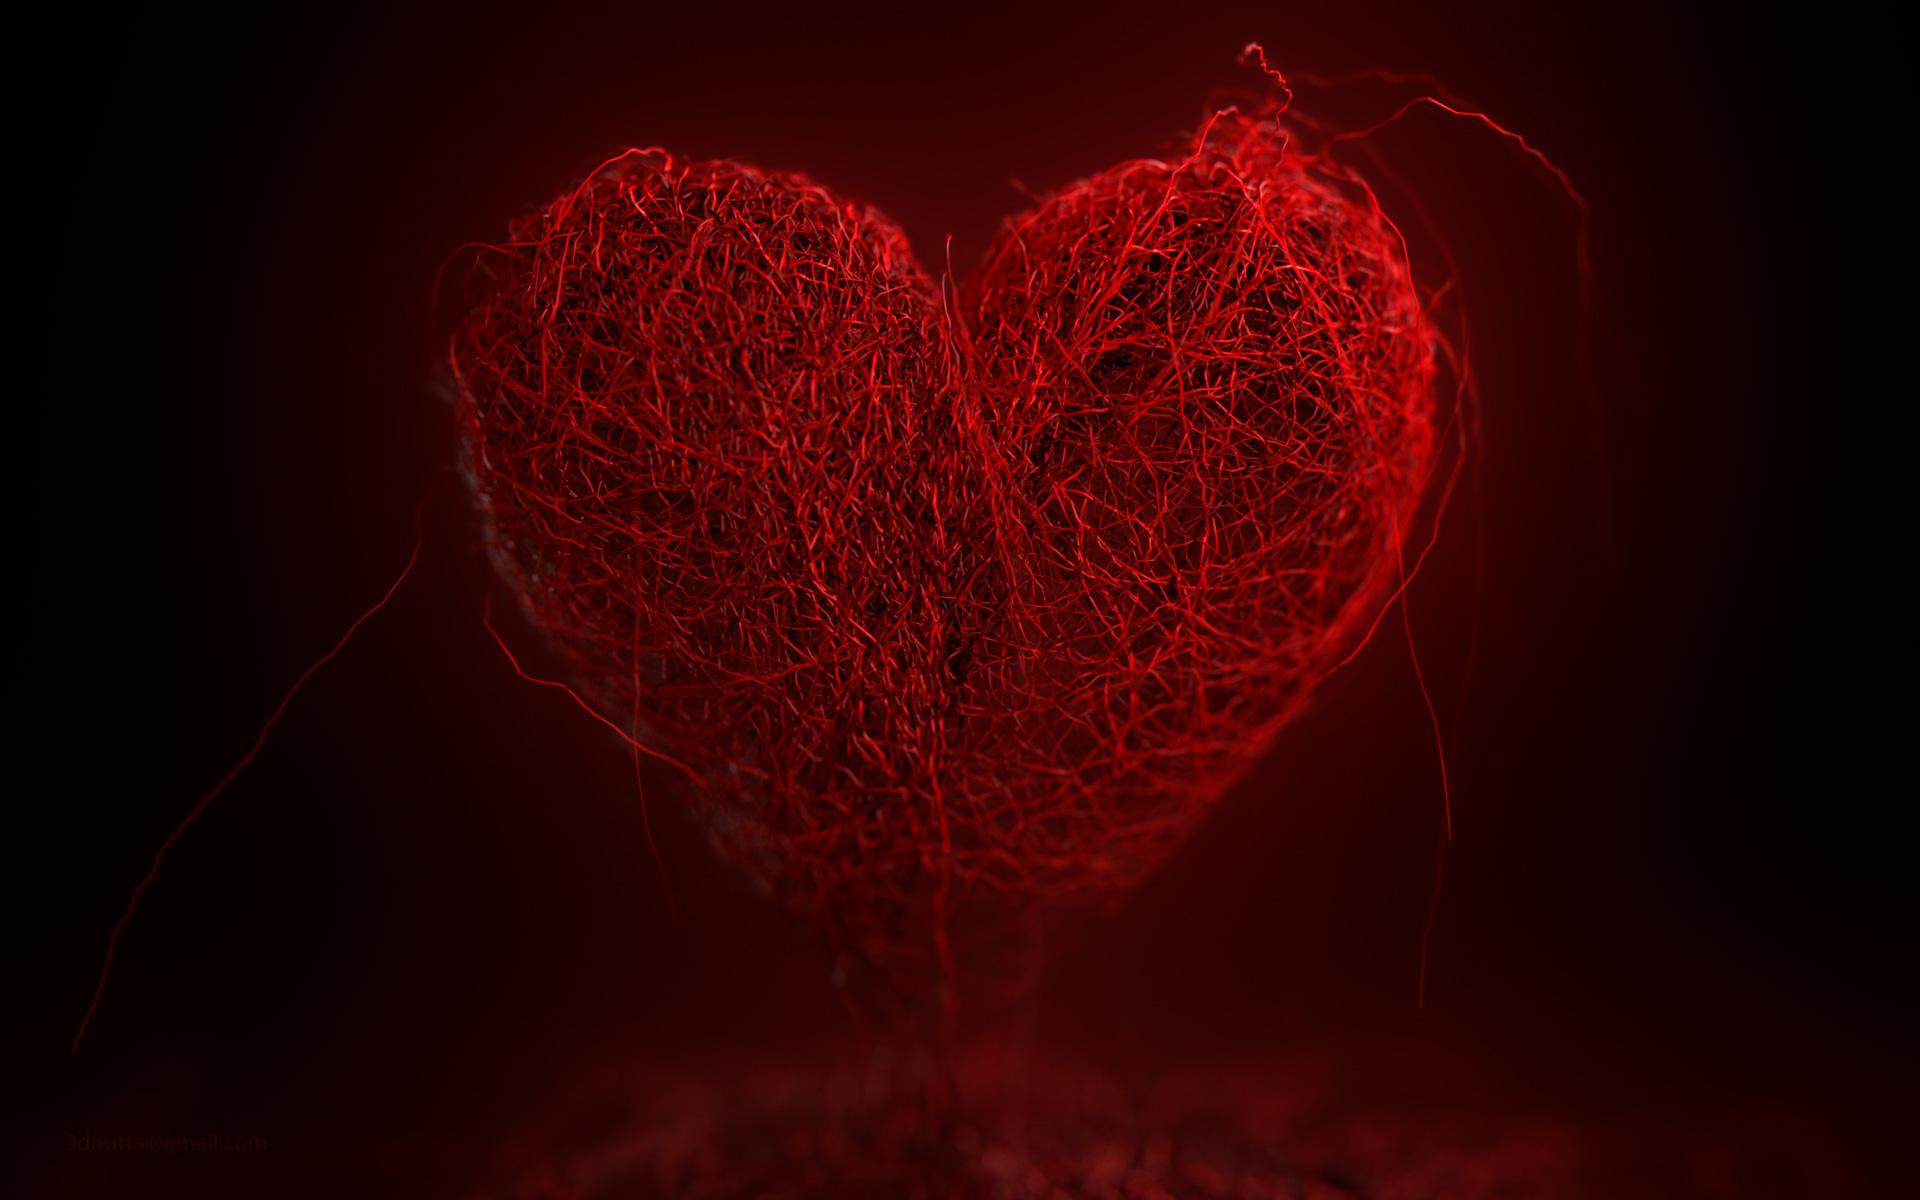 صور قلوب وحب ورومانسية وصورة قلب HD  (9)